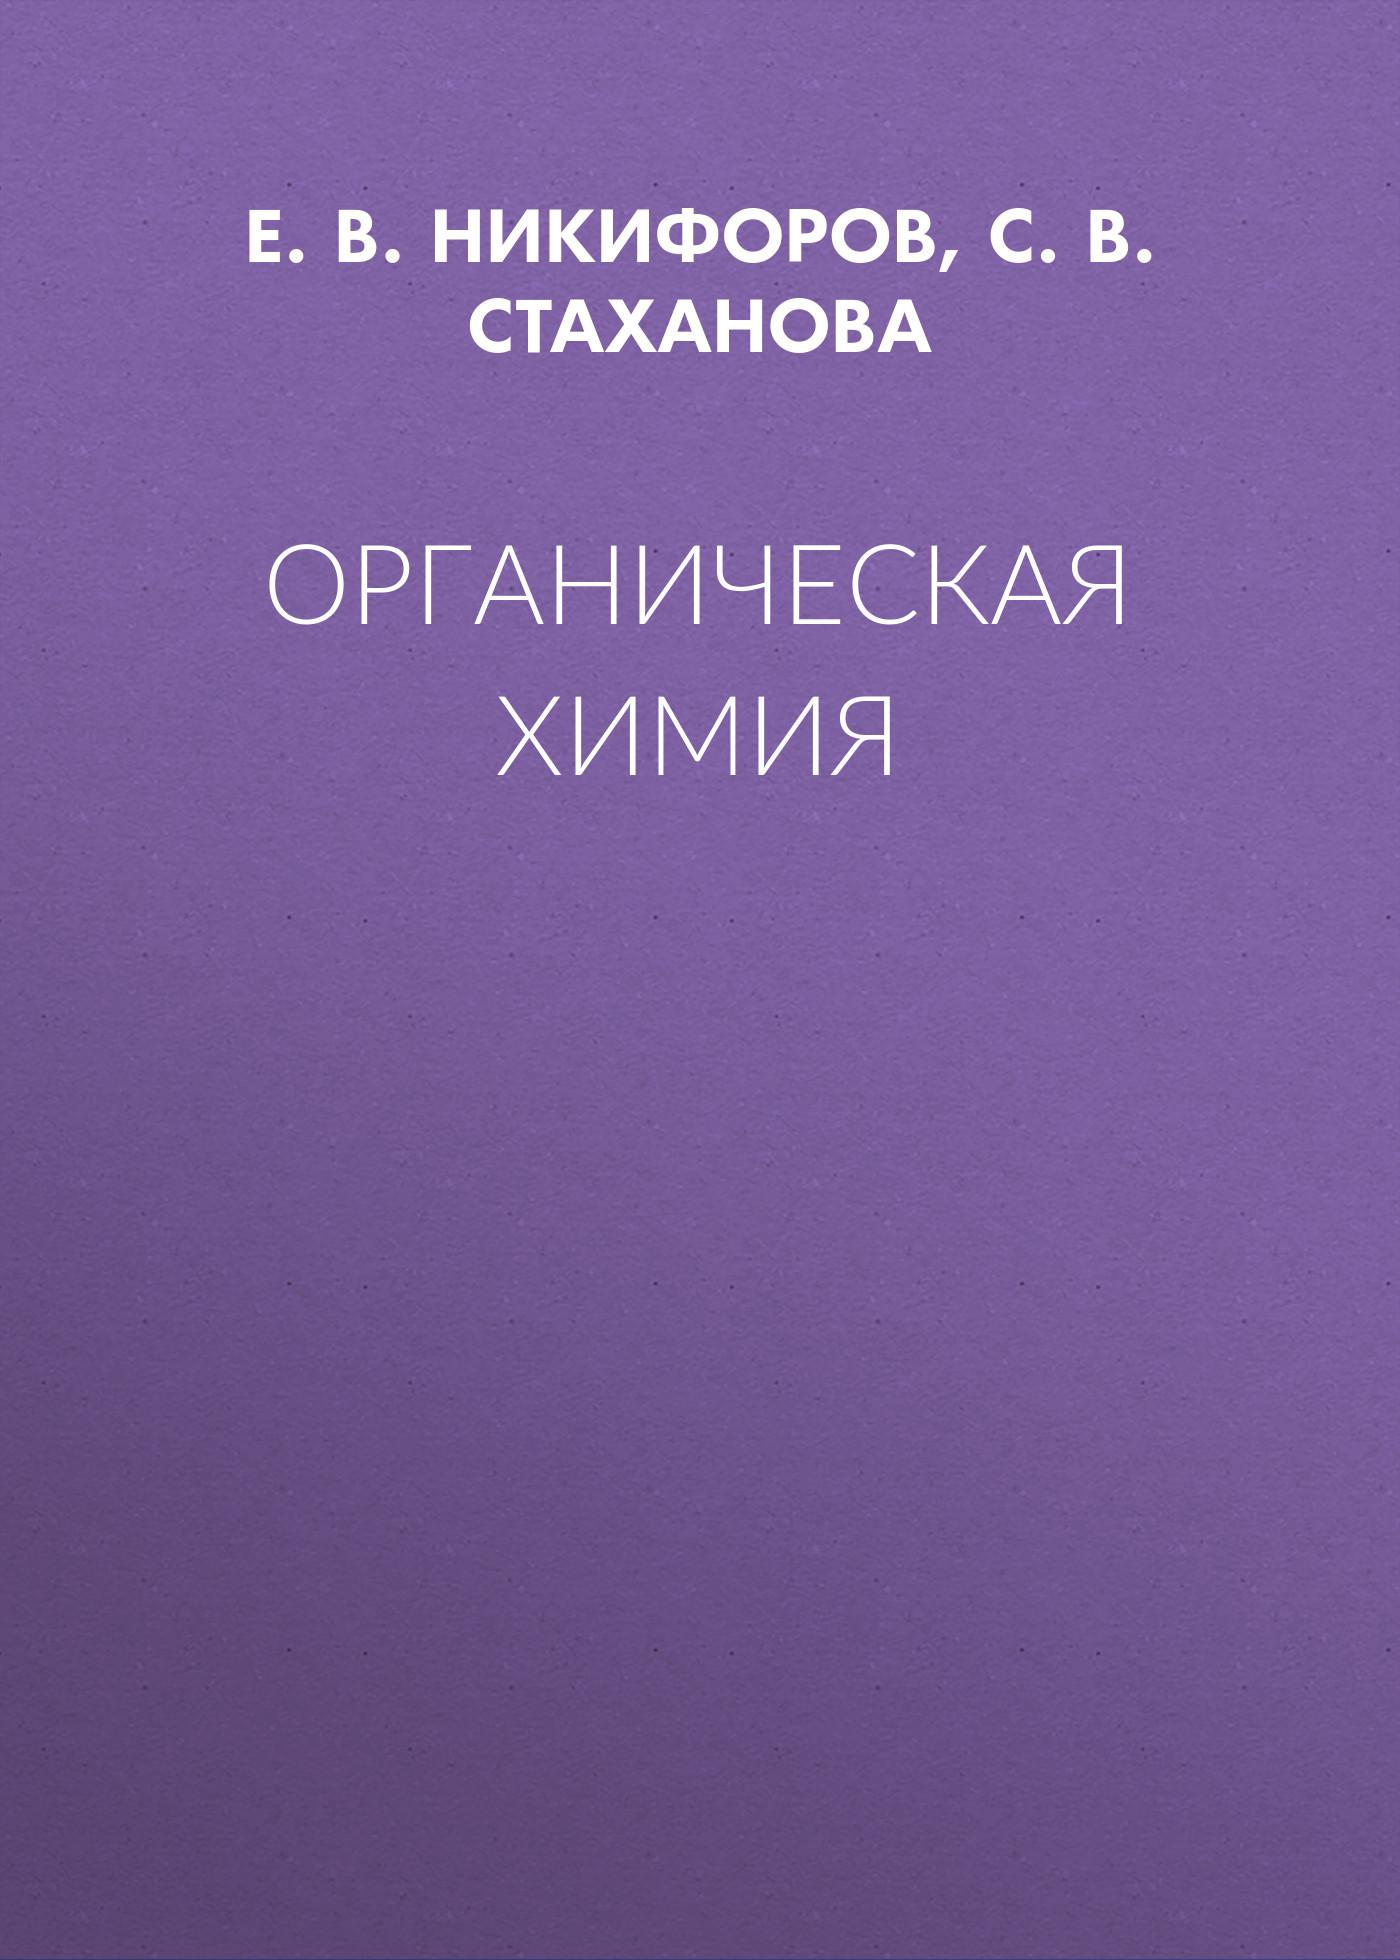 С.В. Стаханова Органическая химия органическая химия учебник